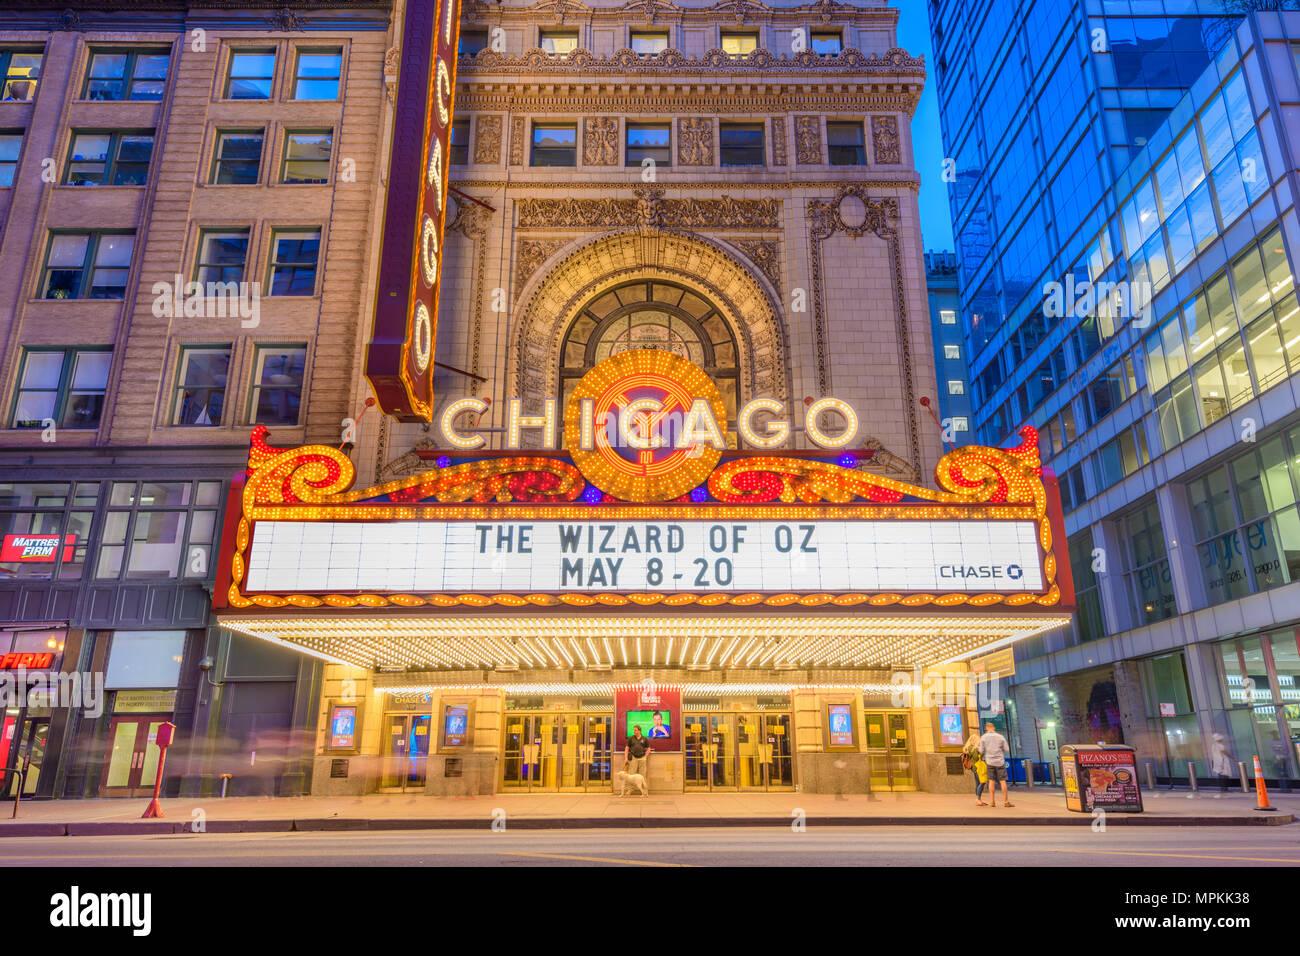 CHICAGO, Illinois - 10 Maggio 2018: il punto di riferimento del teatro di Chicago sulla strada statale al crepuscolo. Il teatro storico risale al 1921. Immagini Stock